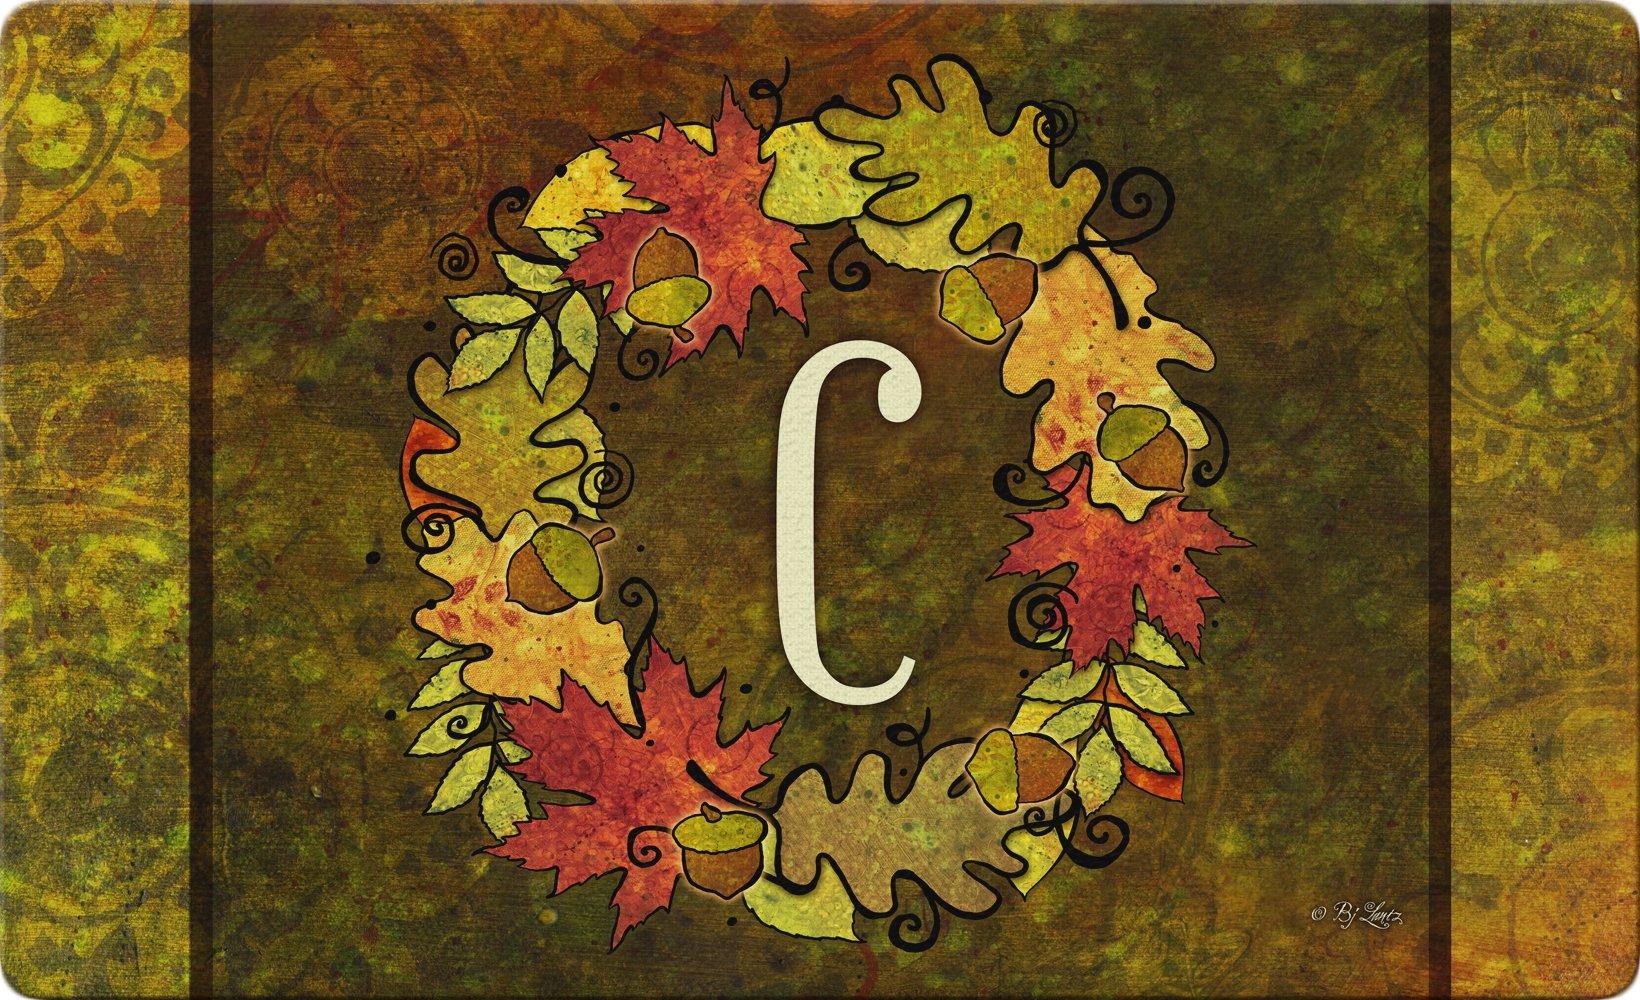 silk flower arrangements toland home garden 800122 fall wreath monogram c 18 x 30 inch decorative, standard, letter - c